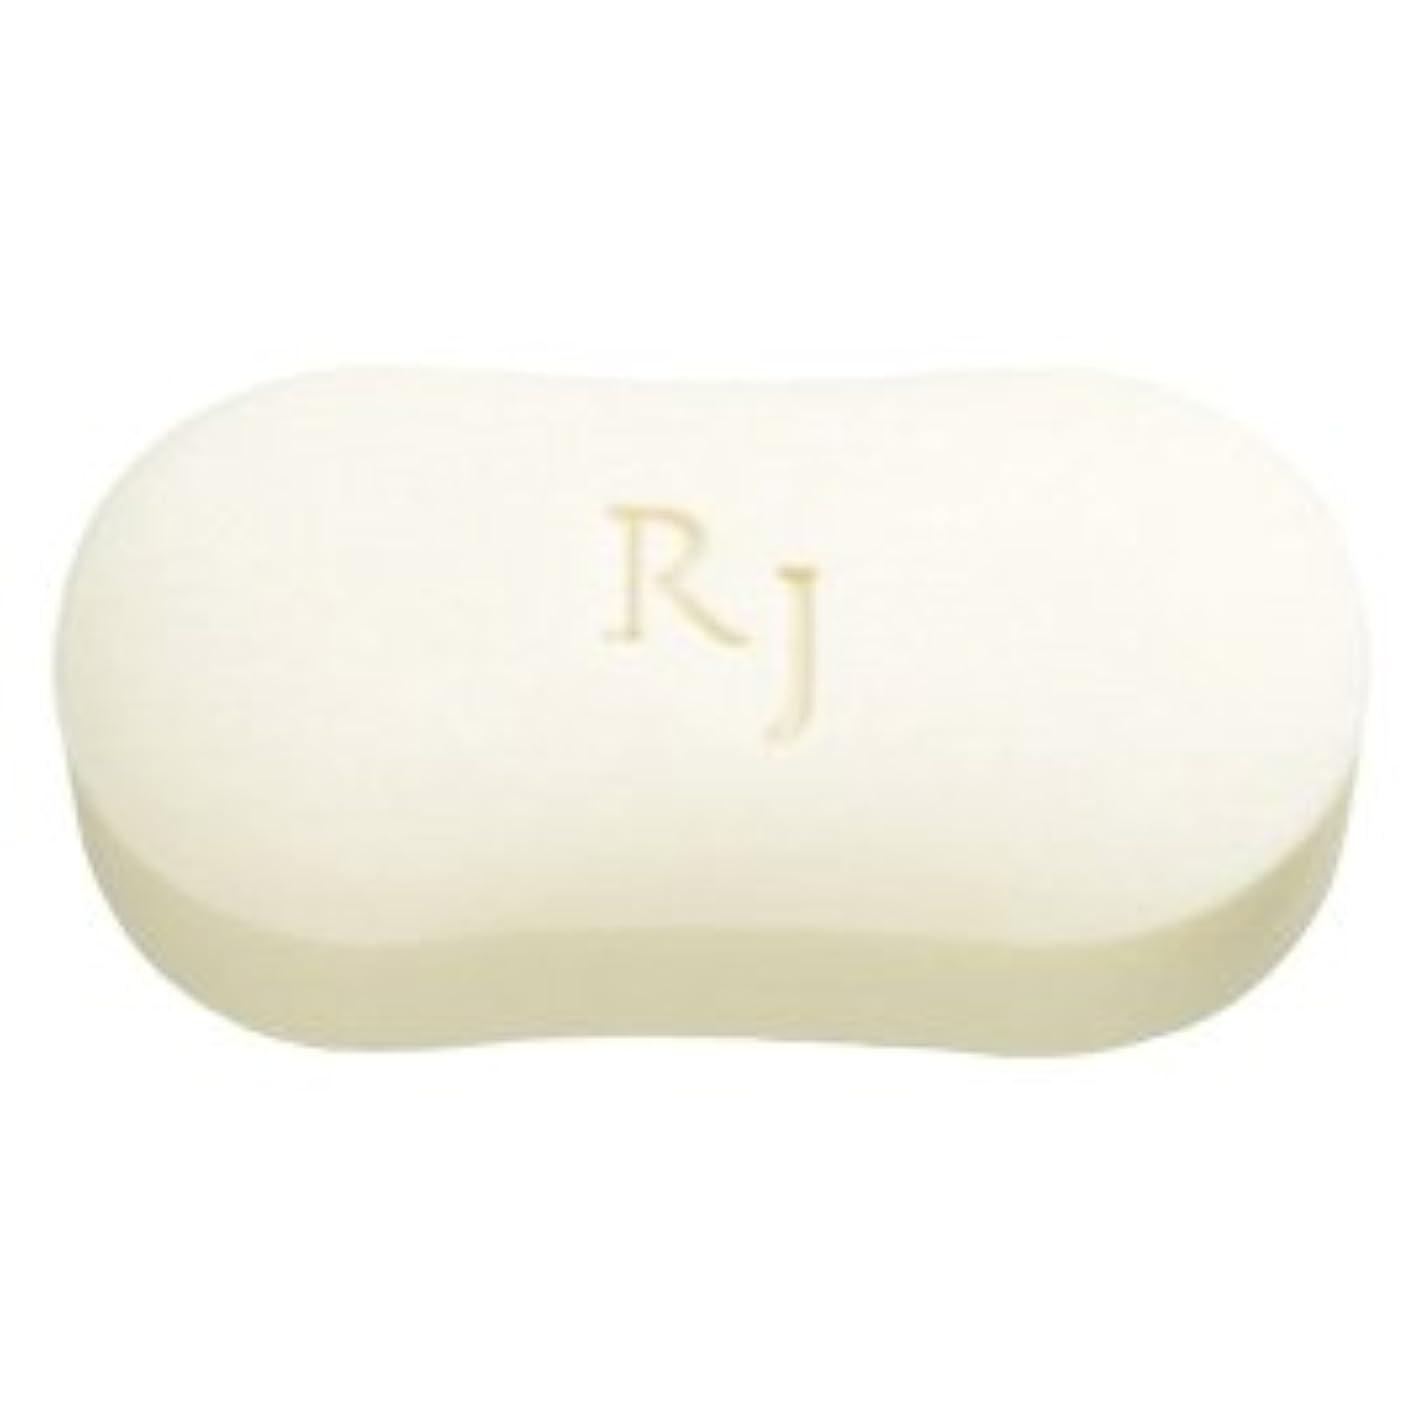 競合他社選手東ティモールイブRJホワイトソープ(洗顔石鹸?ボディソープ) 脂性肌用 120g/Royal Jelly White Soap<120g>